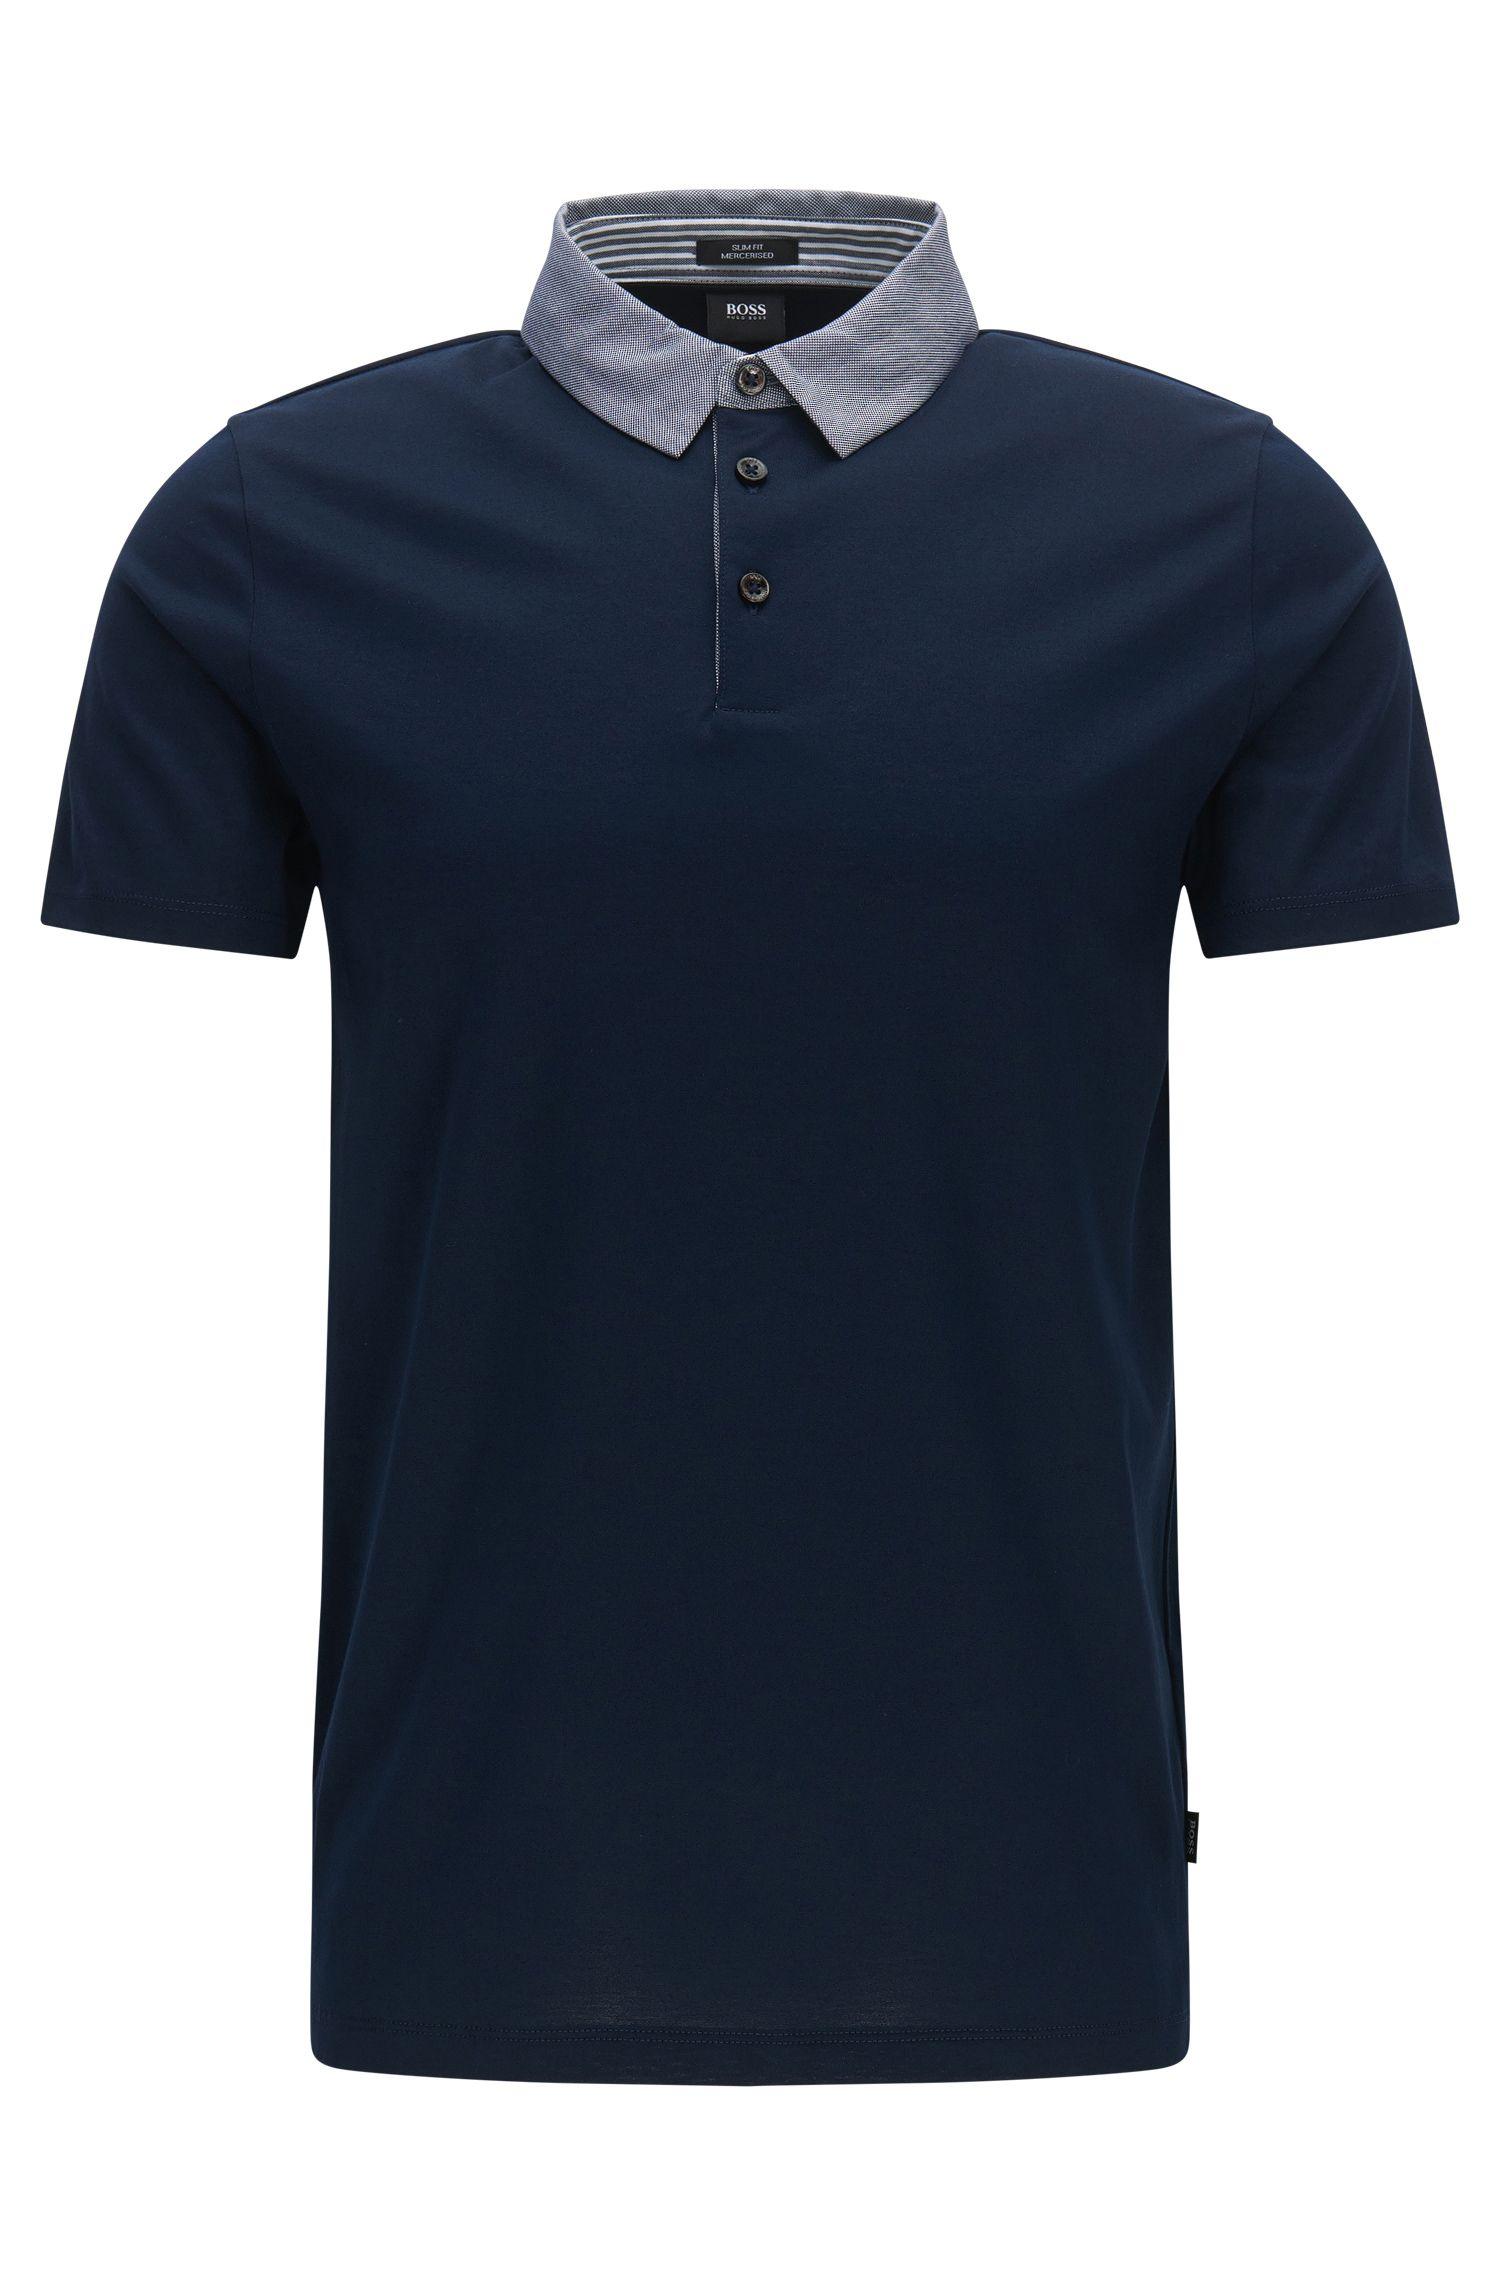 Cotton Polo Shirt, Slim Fit | Place